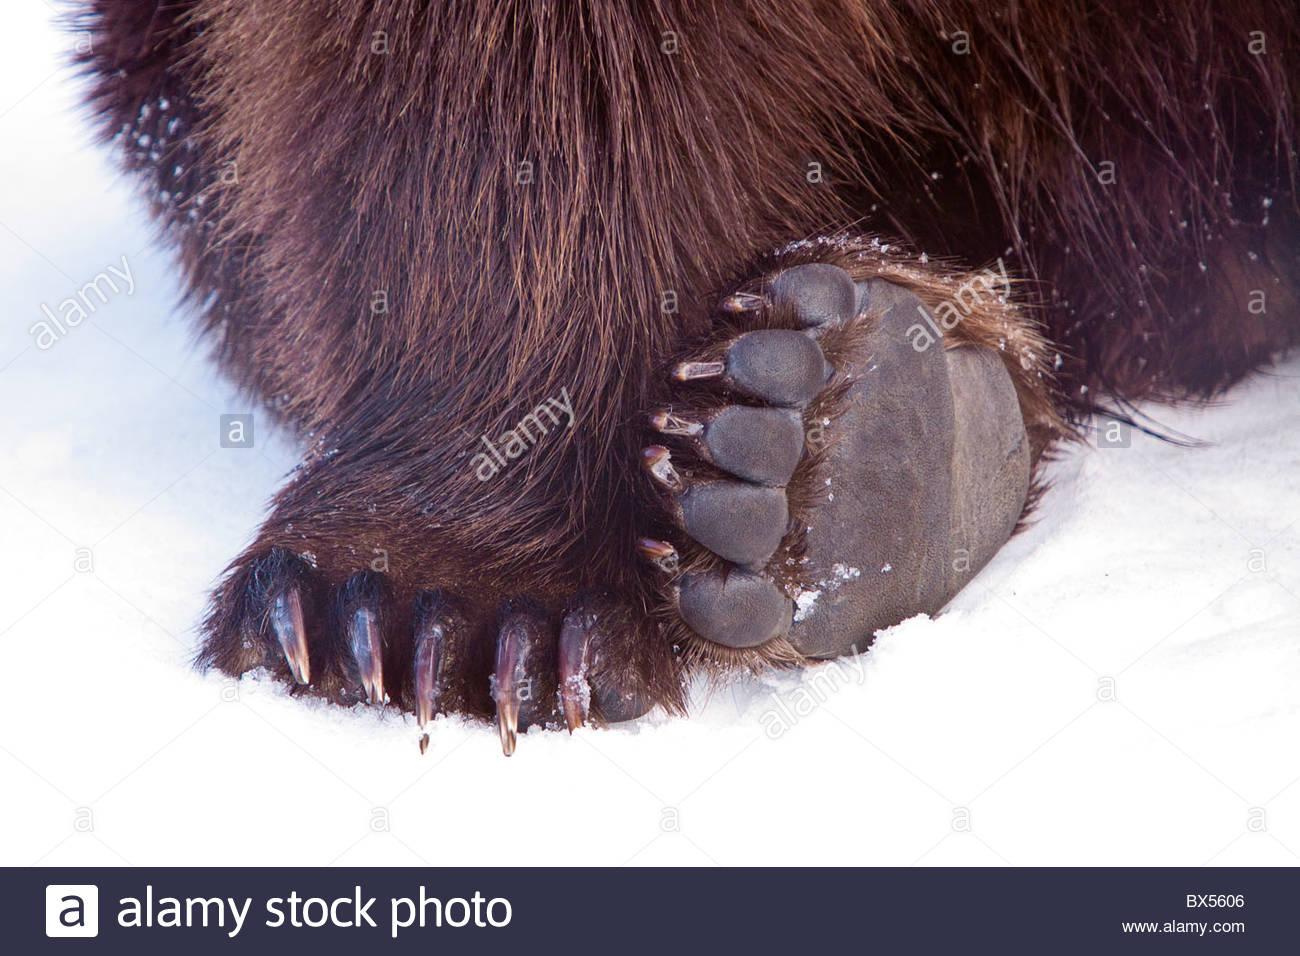 Piedini e pastiglie di Orso grizzly a AWCC, Alaska Wildlife Conservation Centre Immagini Stock